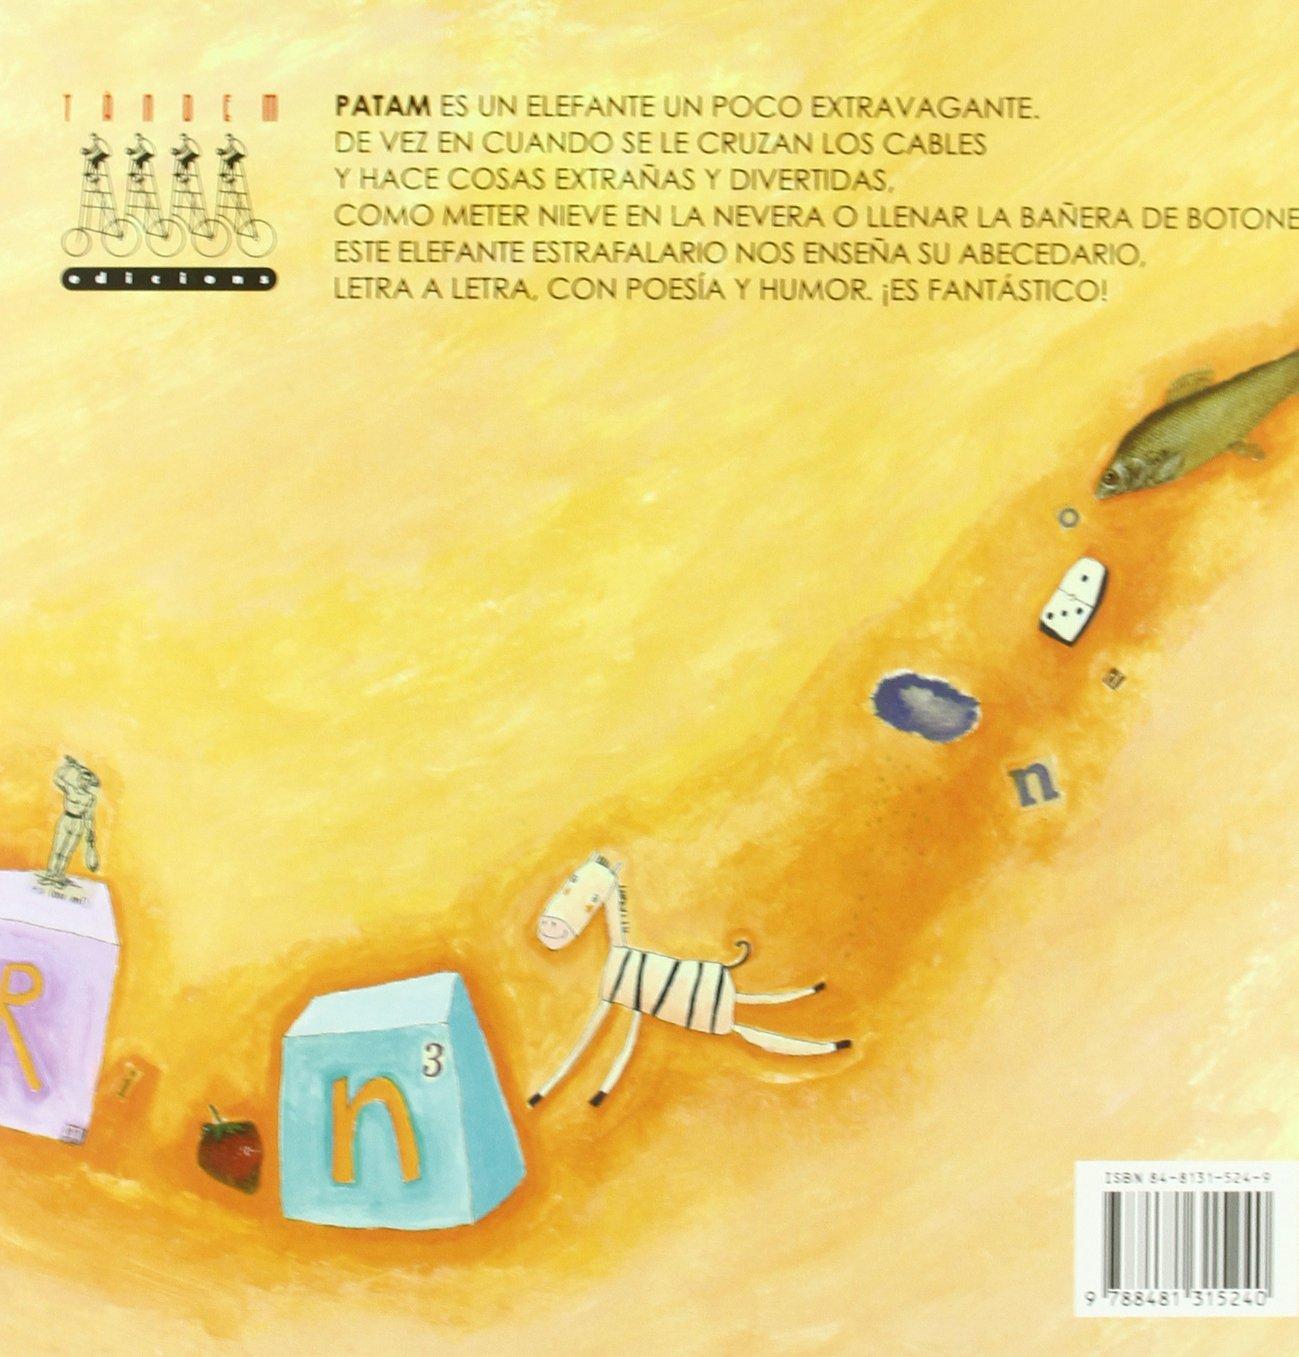 El abecedario fantàstico de Patam, el elefante Àlbums Il·lustrats ...